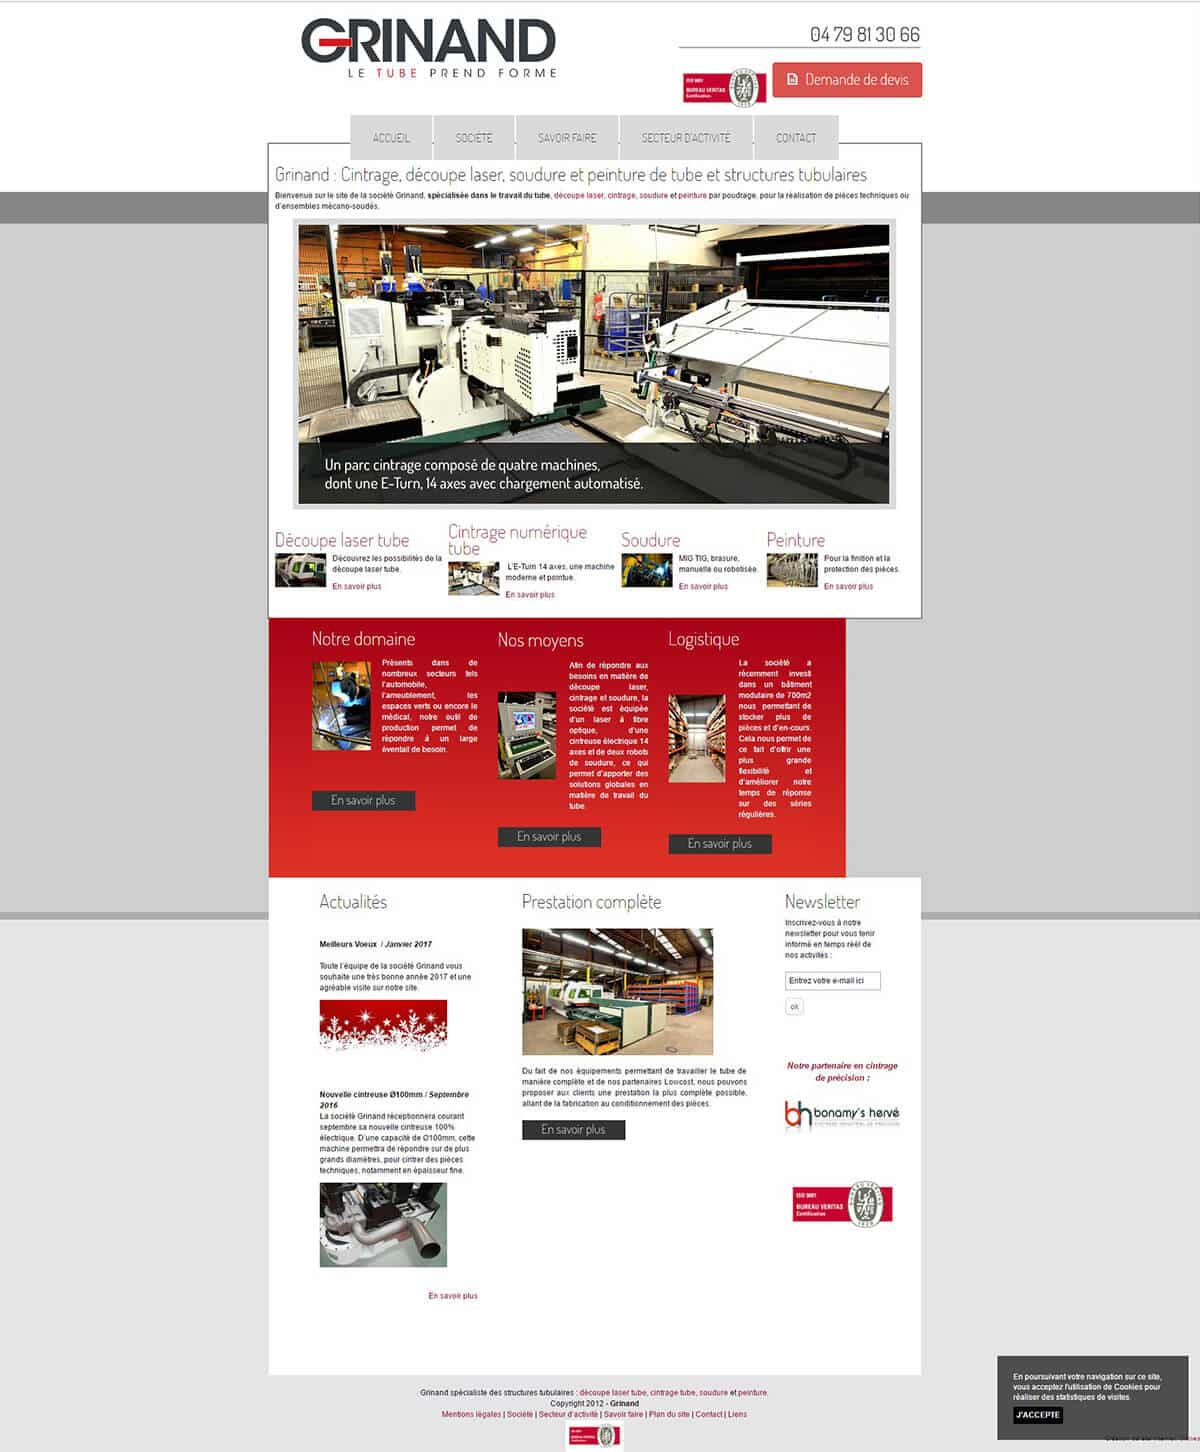 Old Grinand website